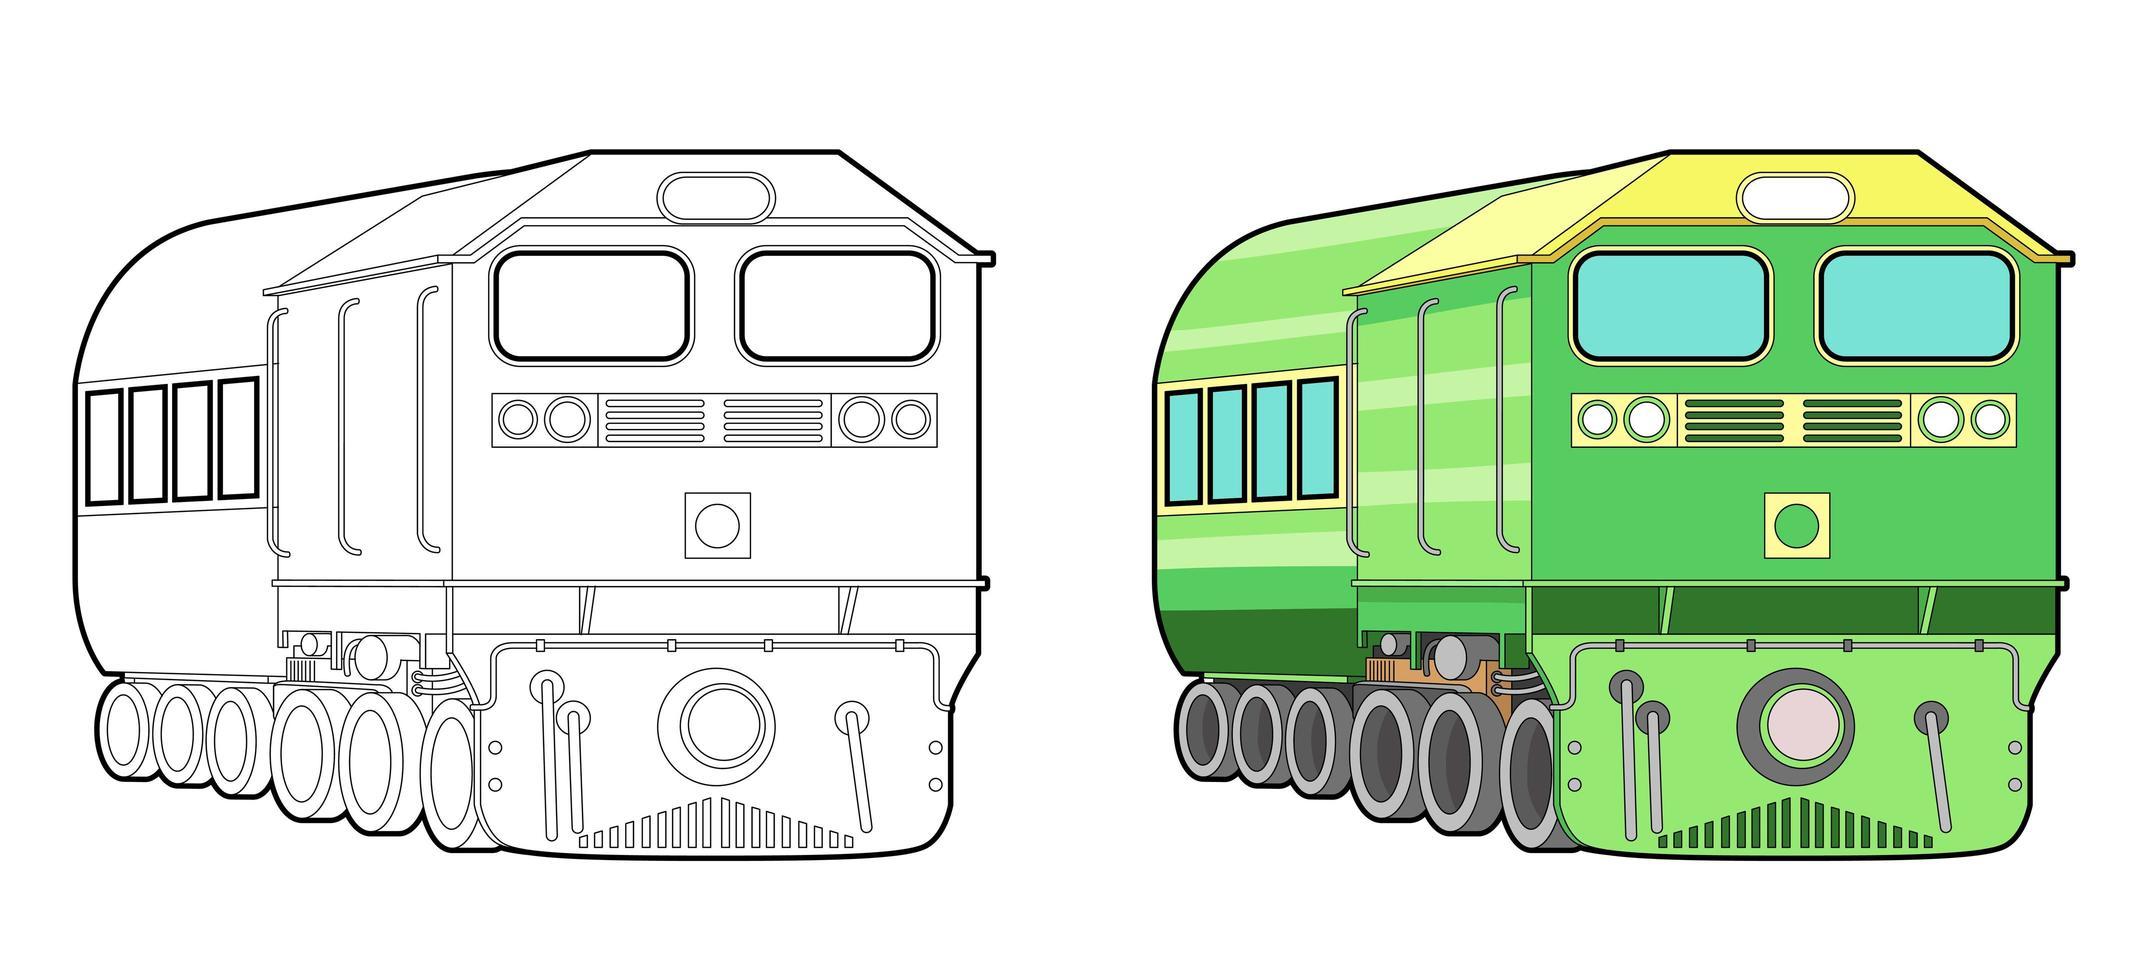 Pagina Da Colorare Dei Cartoni Animati Del Treno Per I Bambini 1613399 Scarica Immagini Vettoriali Gratis Grafica Vettoriale E Disegno Modelli